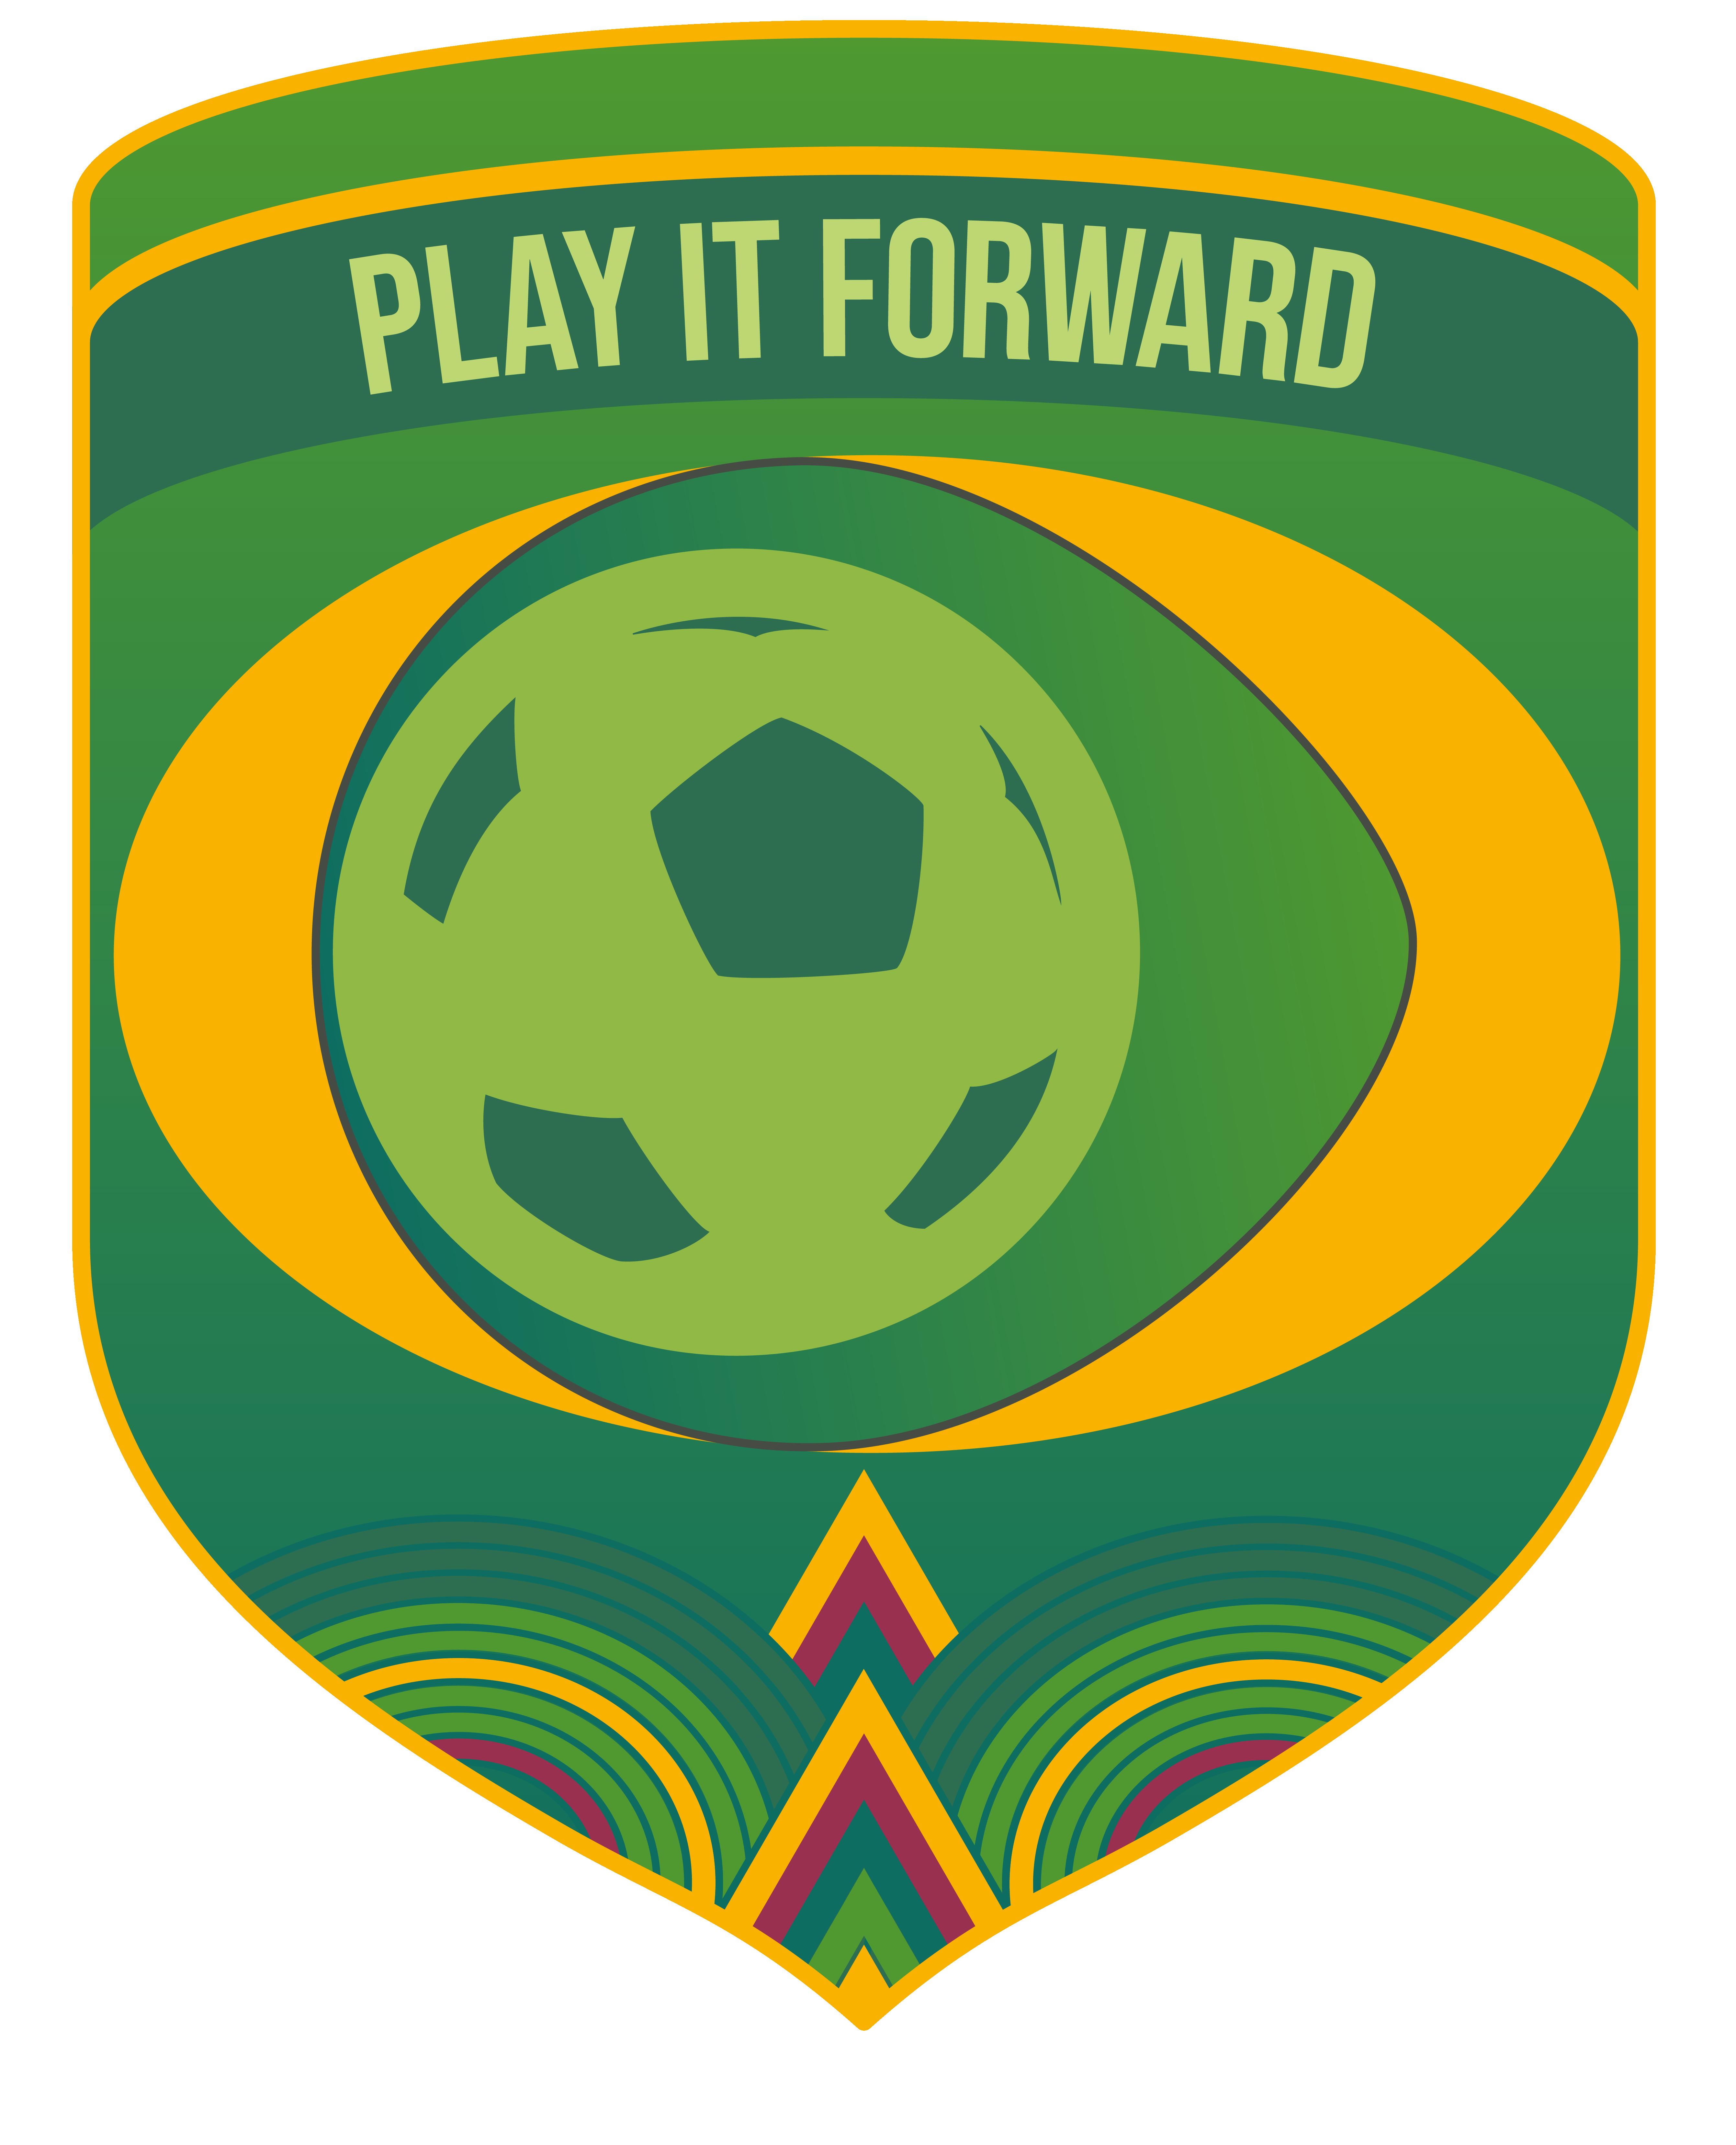 Play it Forward Football Club Logo